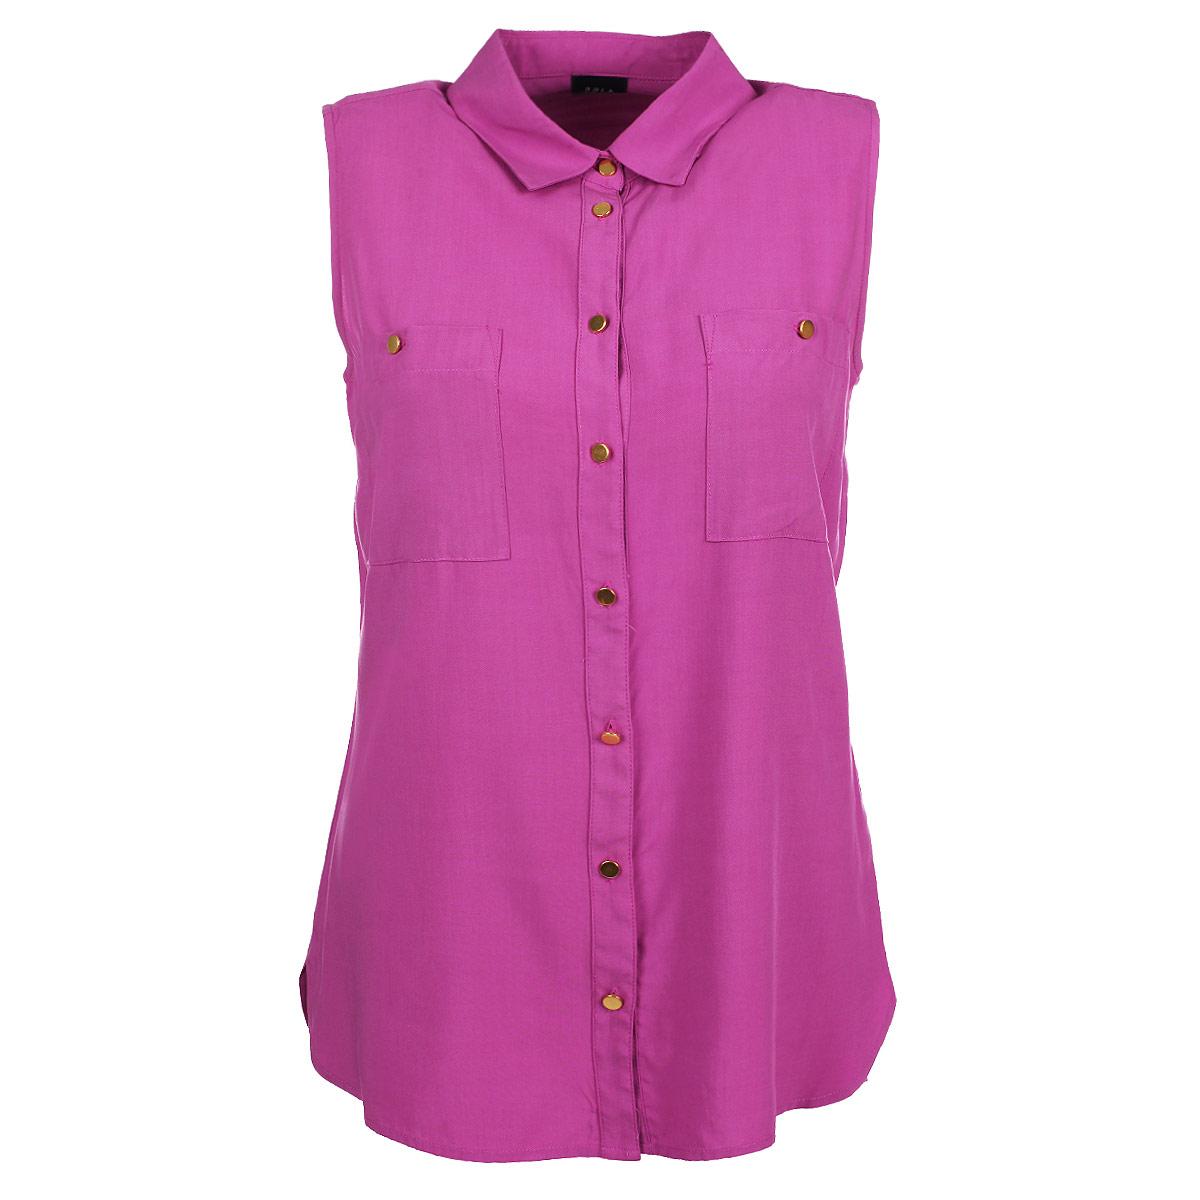 Блуза женская. Bsl-112/438-5275Bsl-112/438-5275Стильная женская блуза Sela, выполненная из высококачественного материала, обладает высокой теплопроводностью, воздухопроницаемостью и гигроскопичностью, позволяет коже дышать, тем самым обеспечивая наибольший комфорт при носке. Модная блузка без рукавов свободного покроя с отложным воротником поможет вам создать неповторимый образ в стиле Casual. Однотонная блуза великолепно сочетается с любыми нарядами. Модель дополнена двумя накладными карманами и застегивается на пуговицы. Такая блузка будет дарить вам комфорт в течение всего дня и послужит замечательным дополнением к вашему гардеробу.